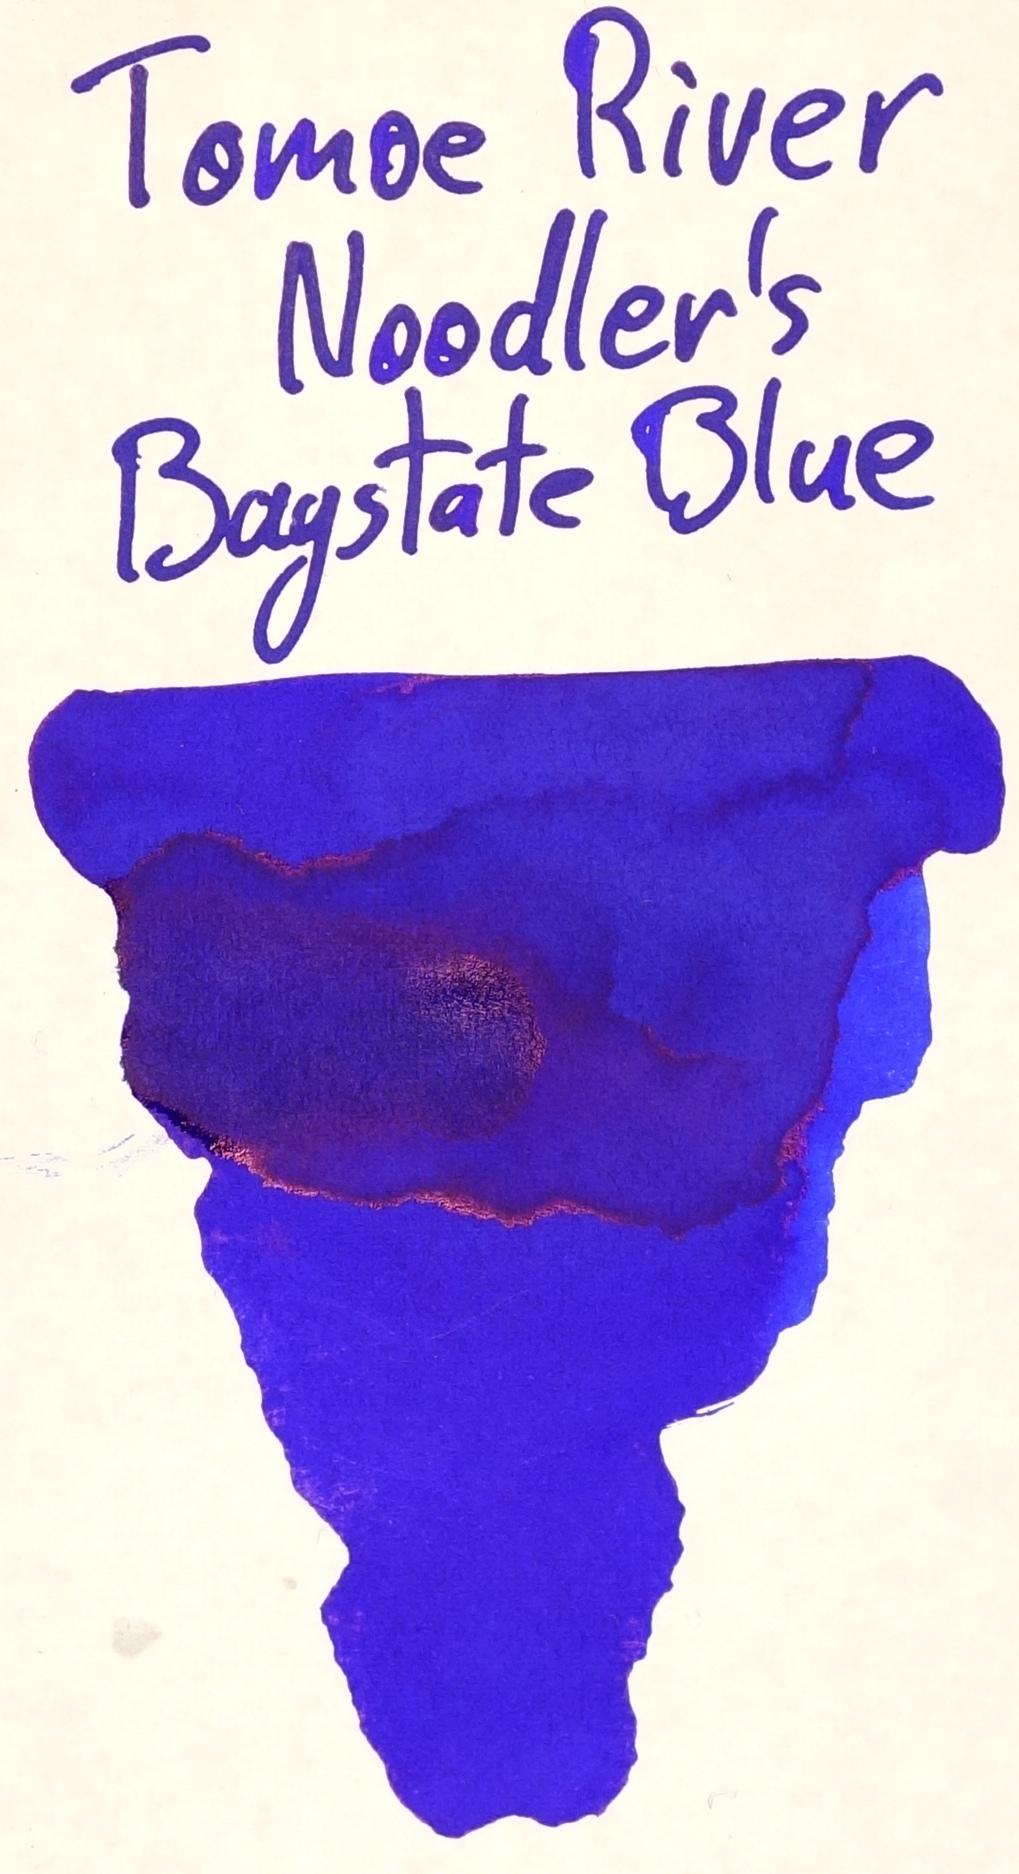 Noodler's Baystate Blue Tomoe River.JPG